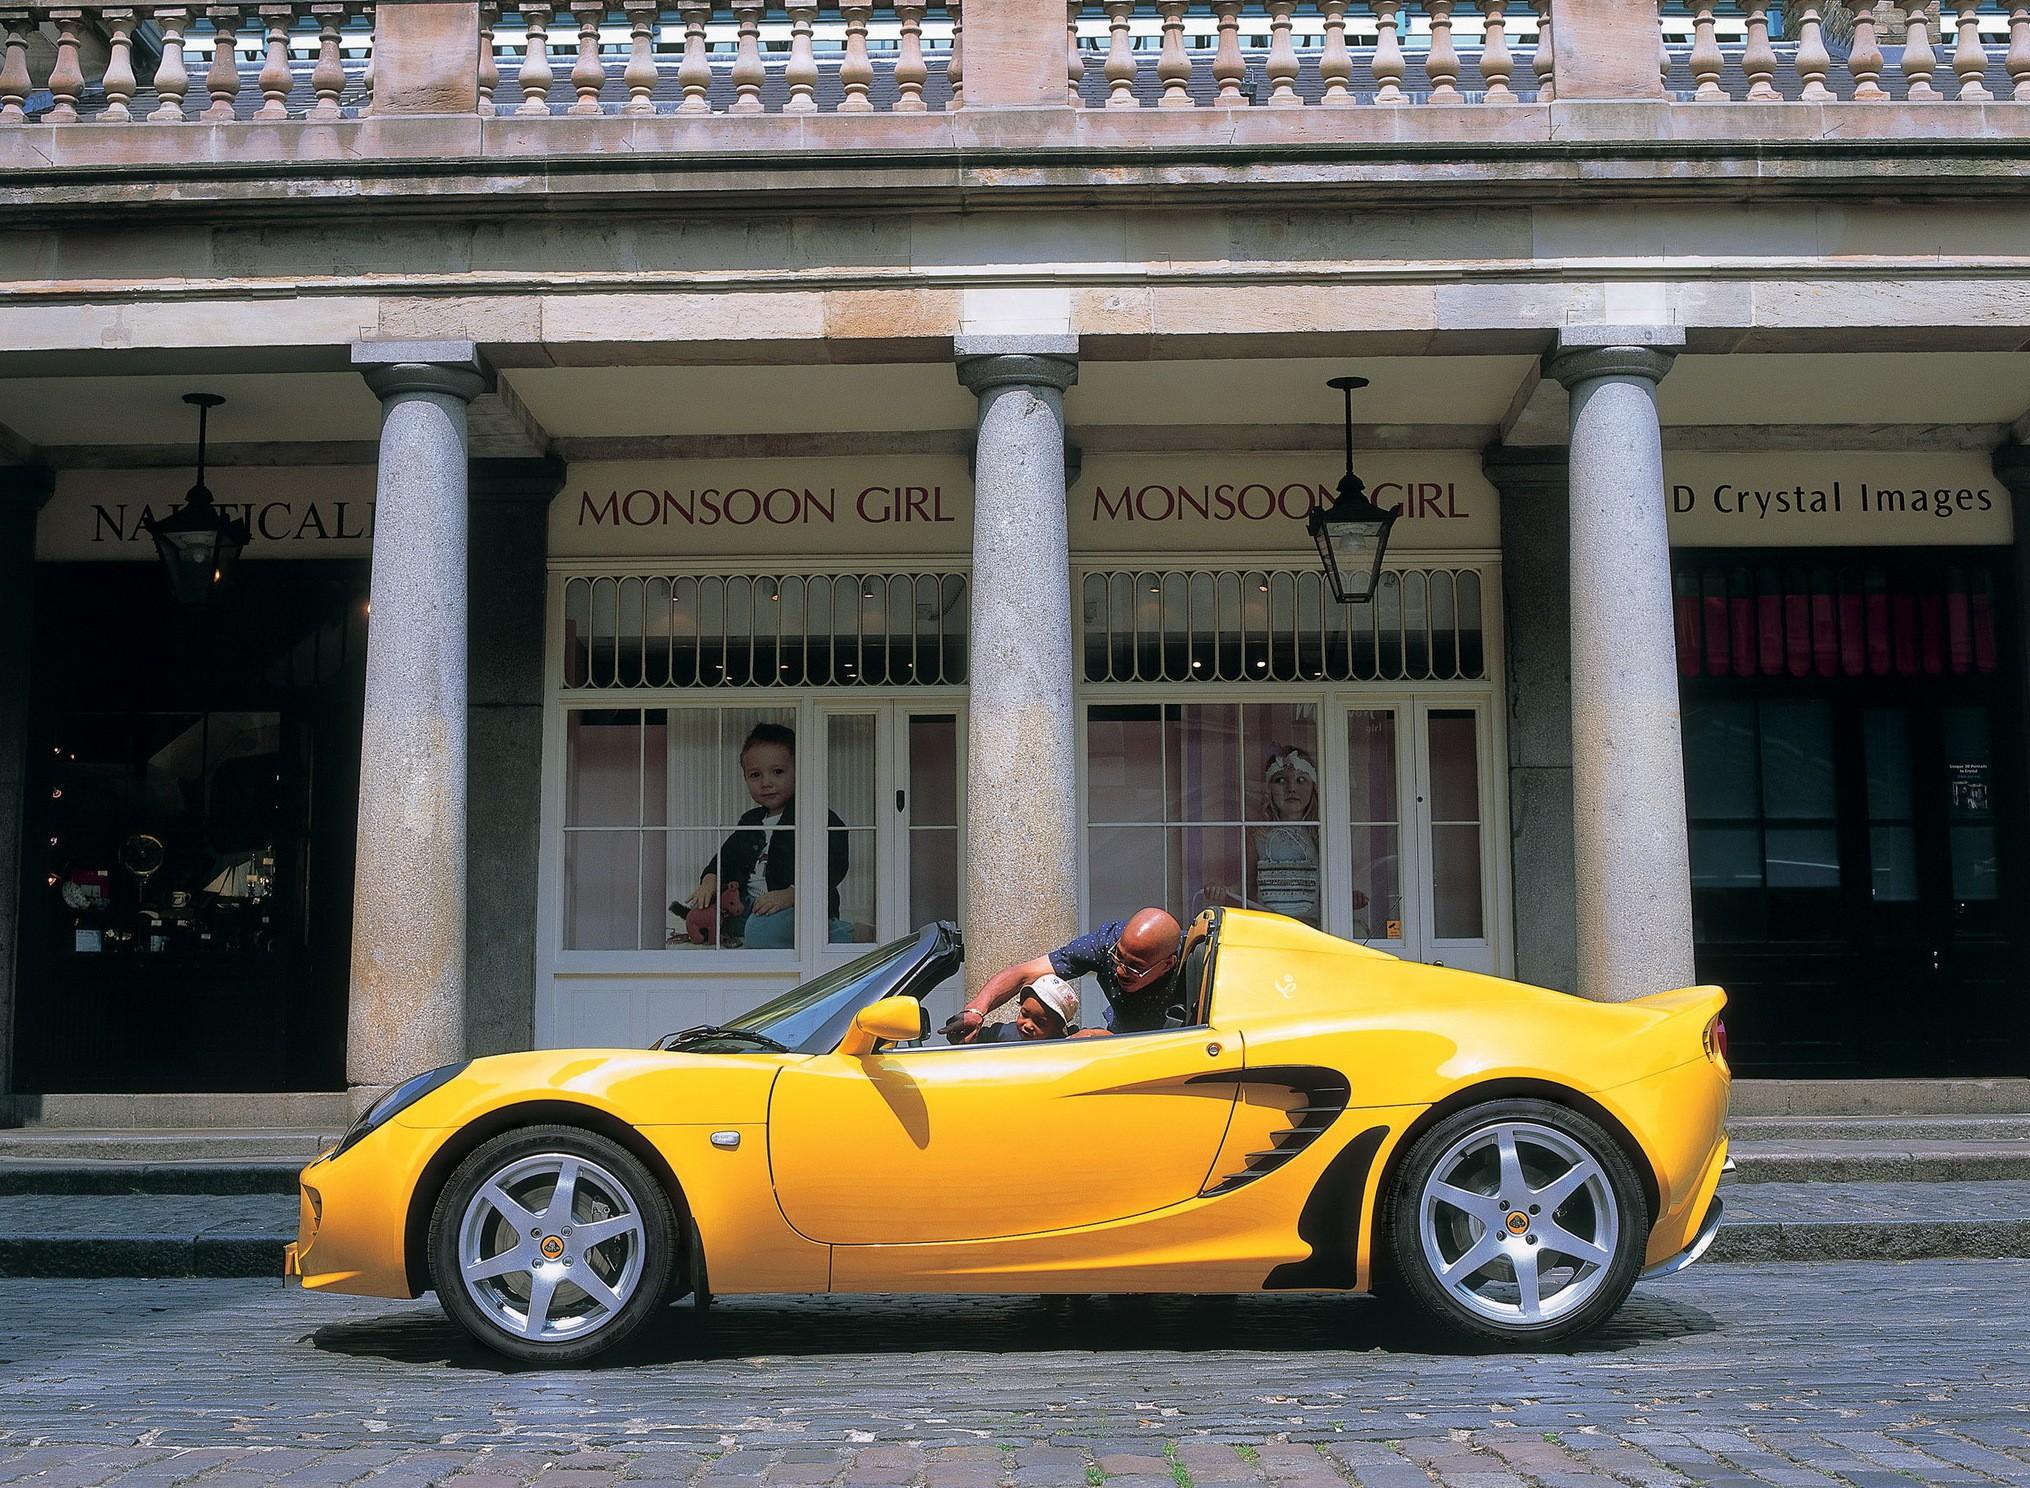 ... lotus-elise-targa-2-doors-2004-model-exterior- ... & LOTUS ELISE